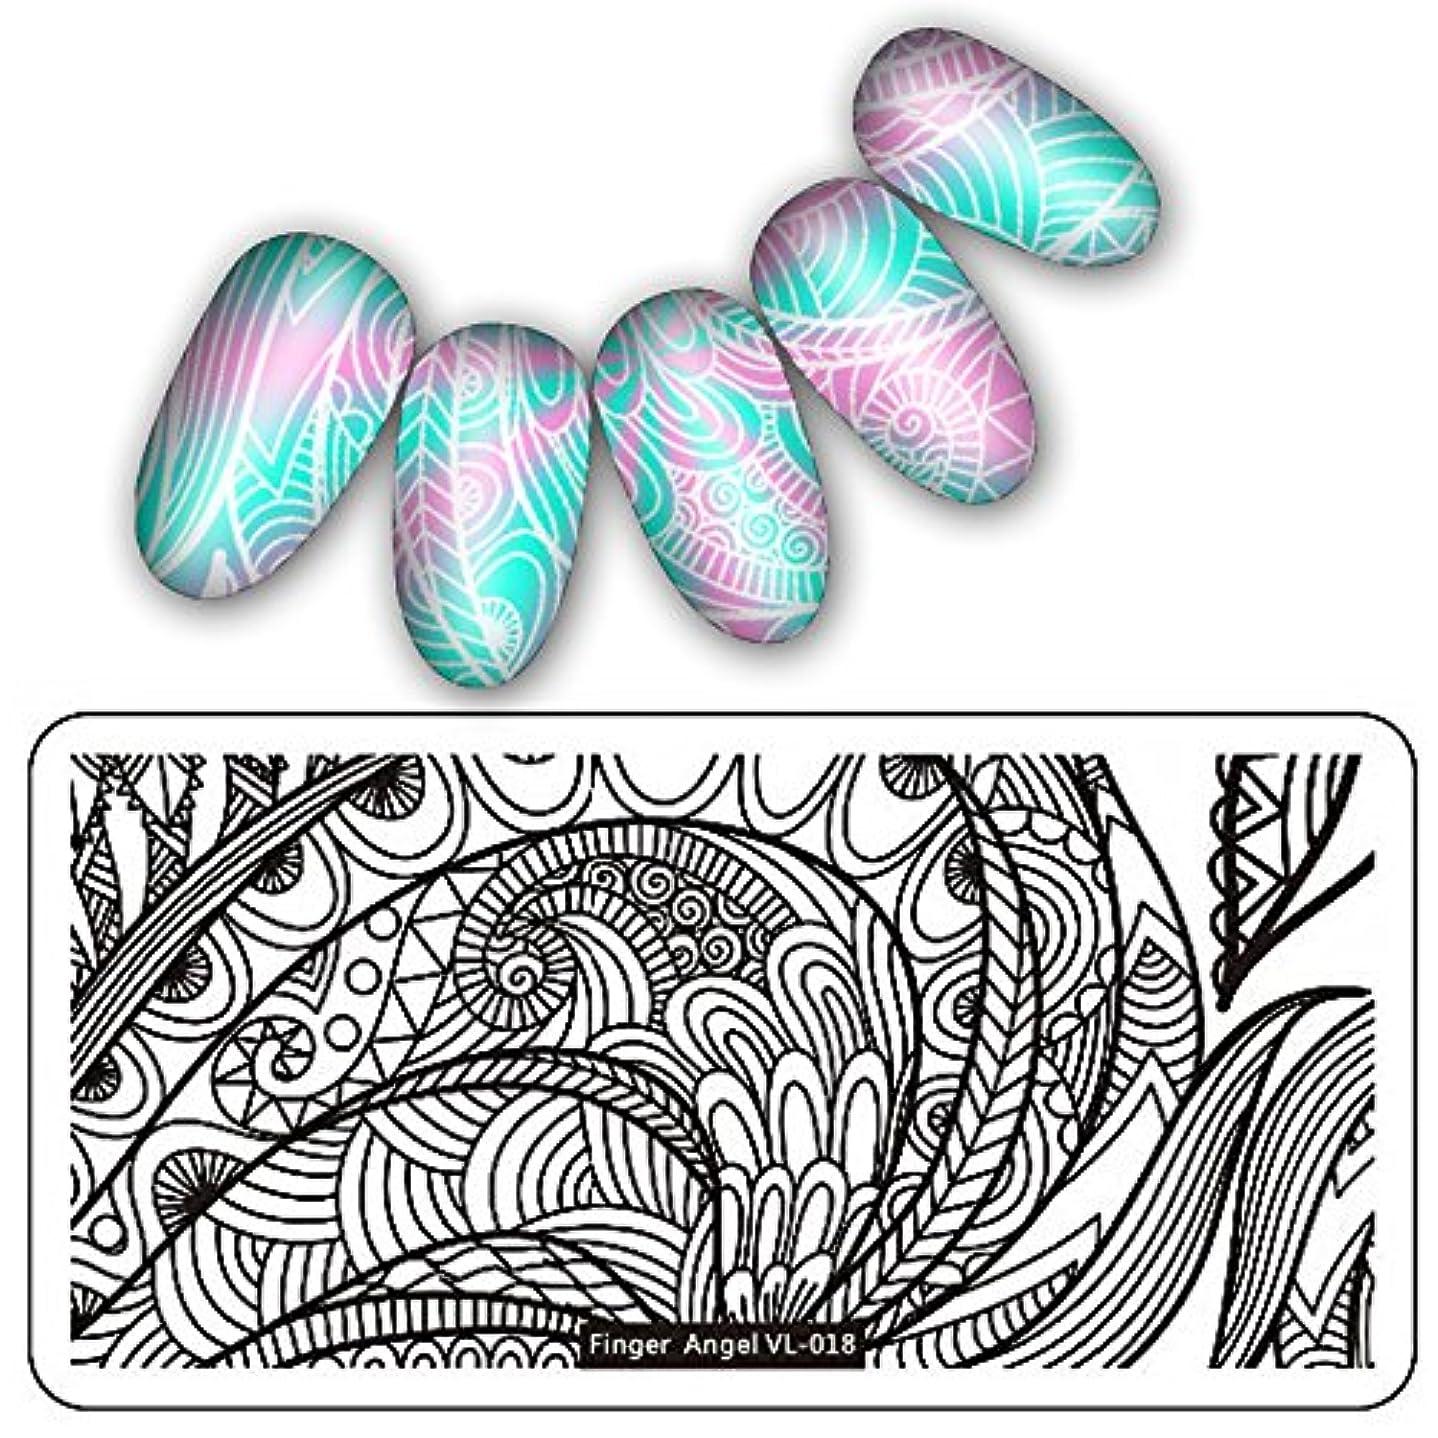 軽苦行マーベル[ルテンズ] スタンピングプレートセット 花柄 ネイルプレート ネイルアートツール ネイルプレート ネイルスタンパー ネイルスタンプ スタンプネイル ネイルデザイン用品